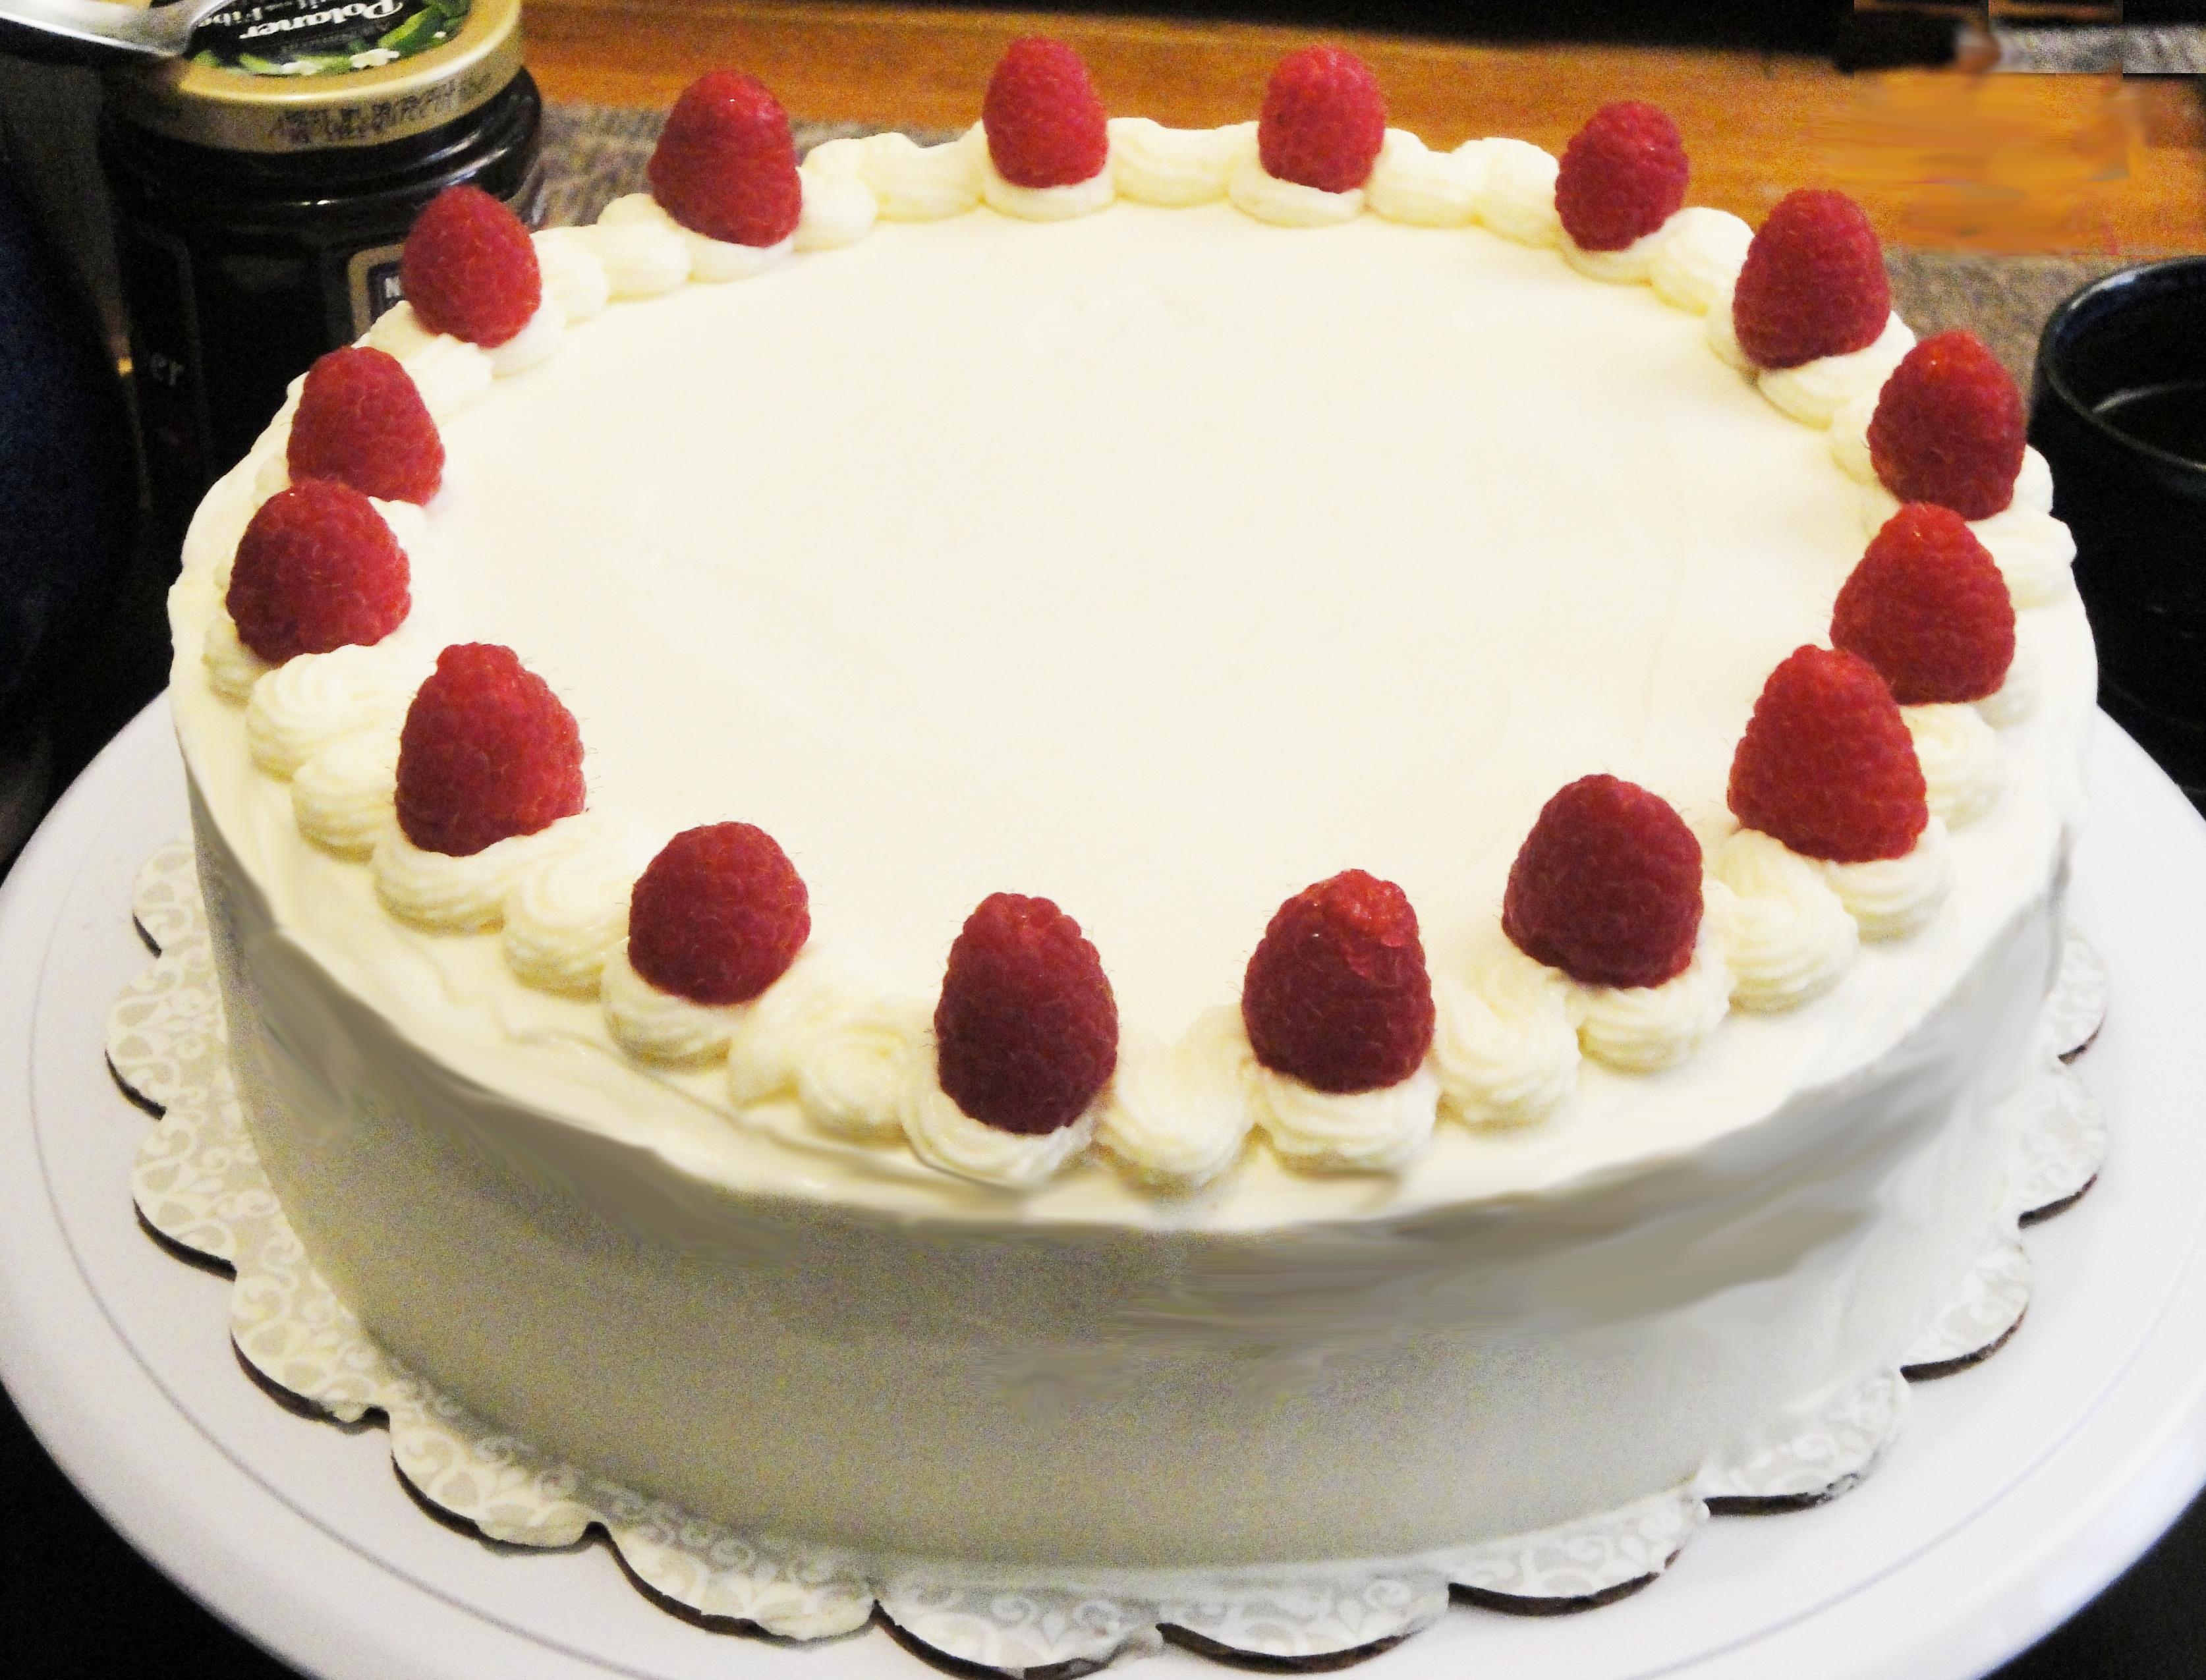 Licious Red Velvet Cake